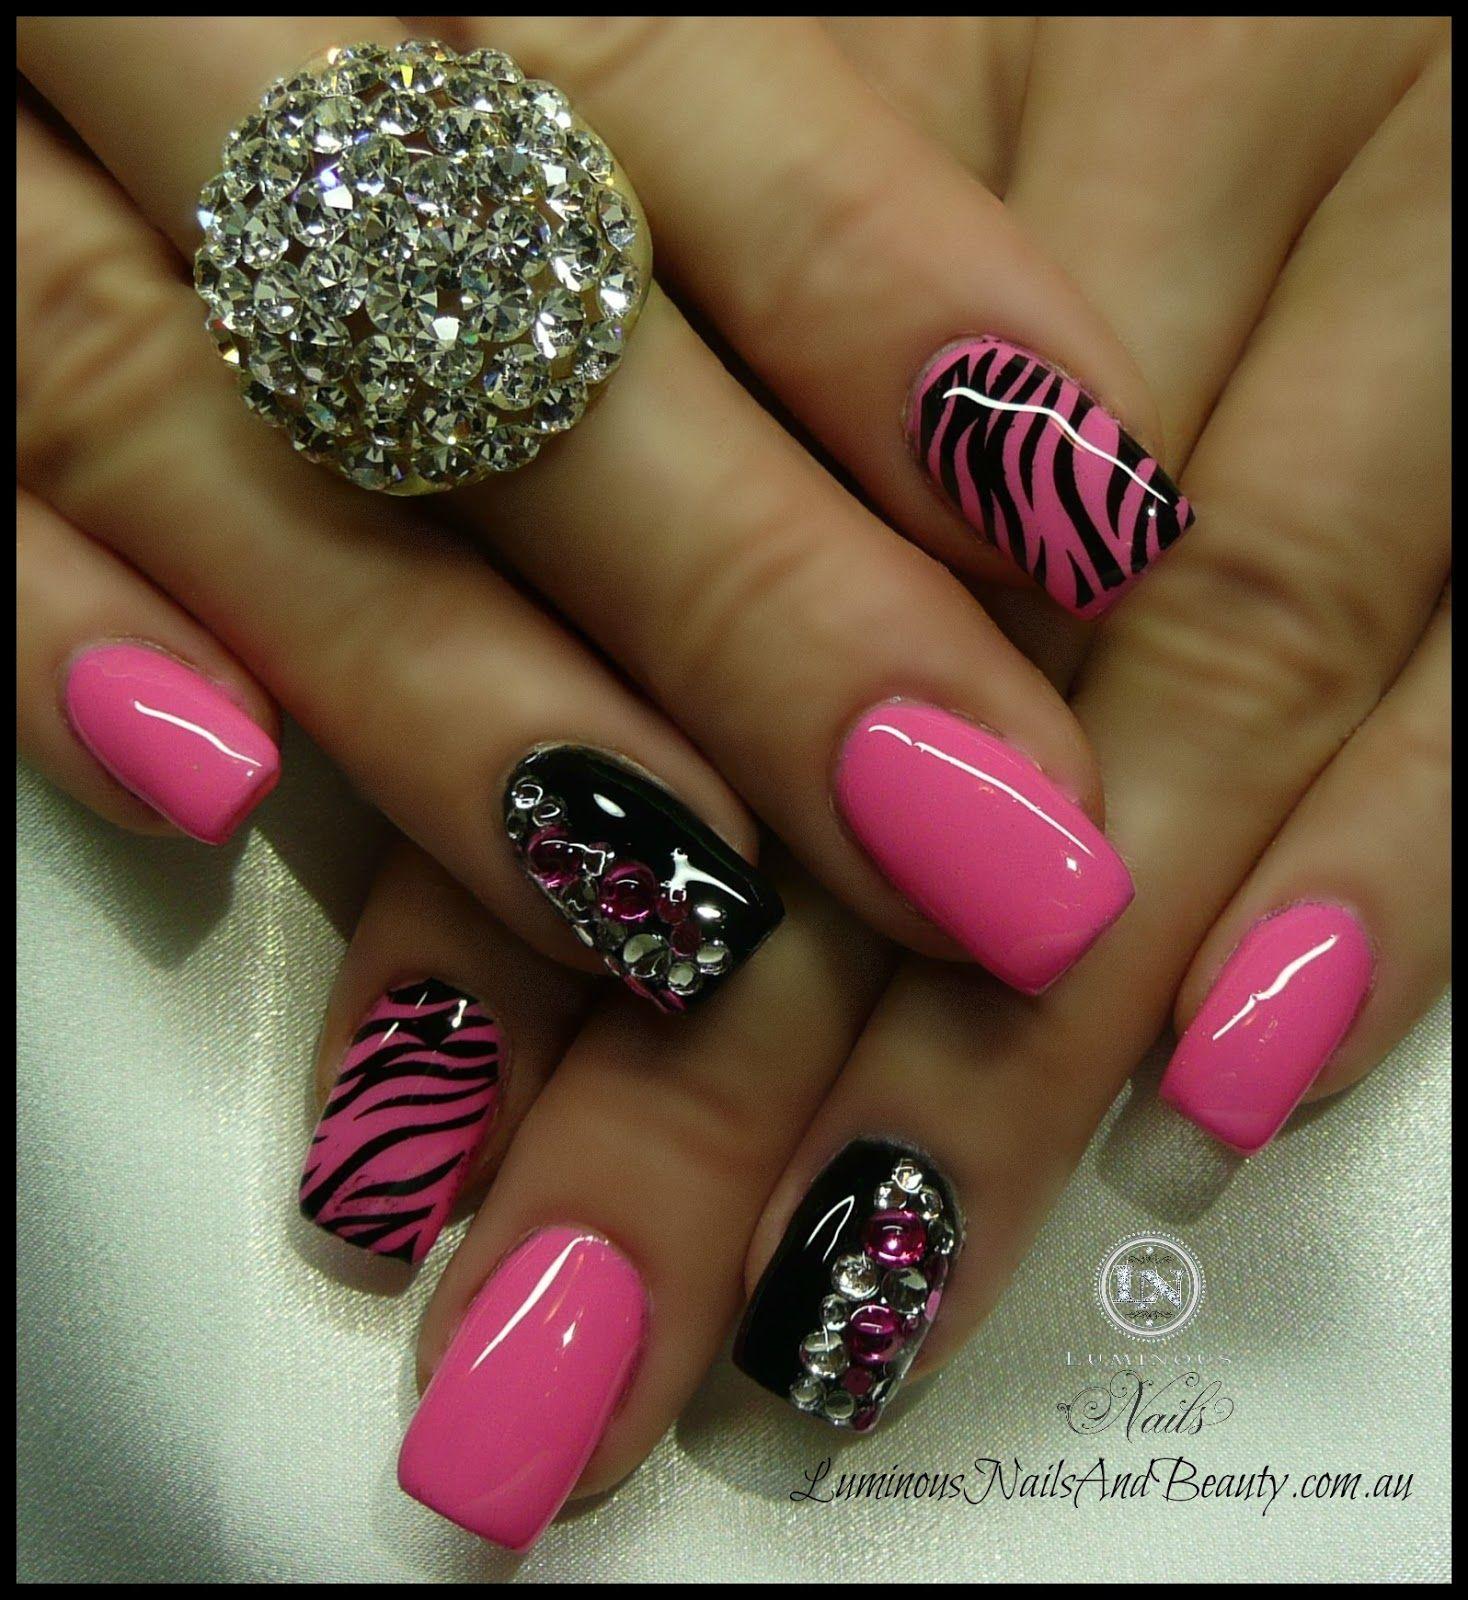 Luminous nails hot pink black nails with zebra print crystals